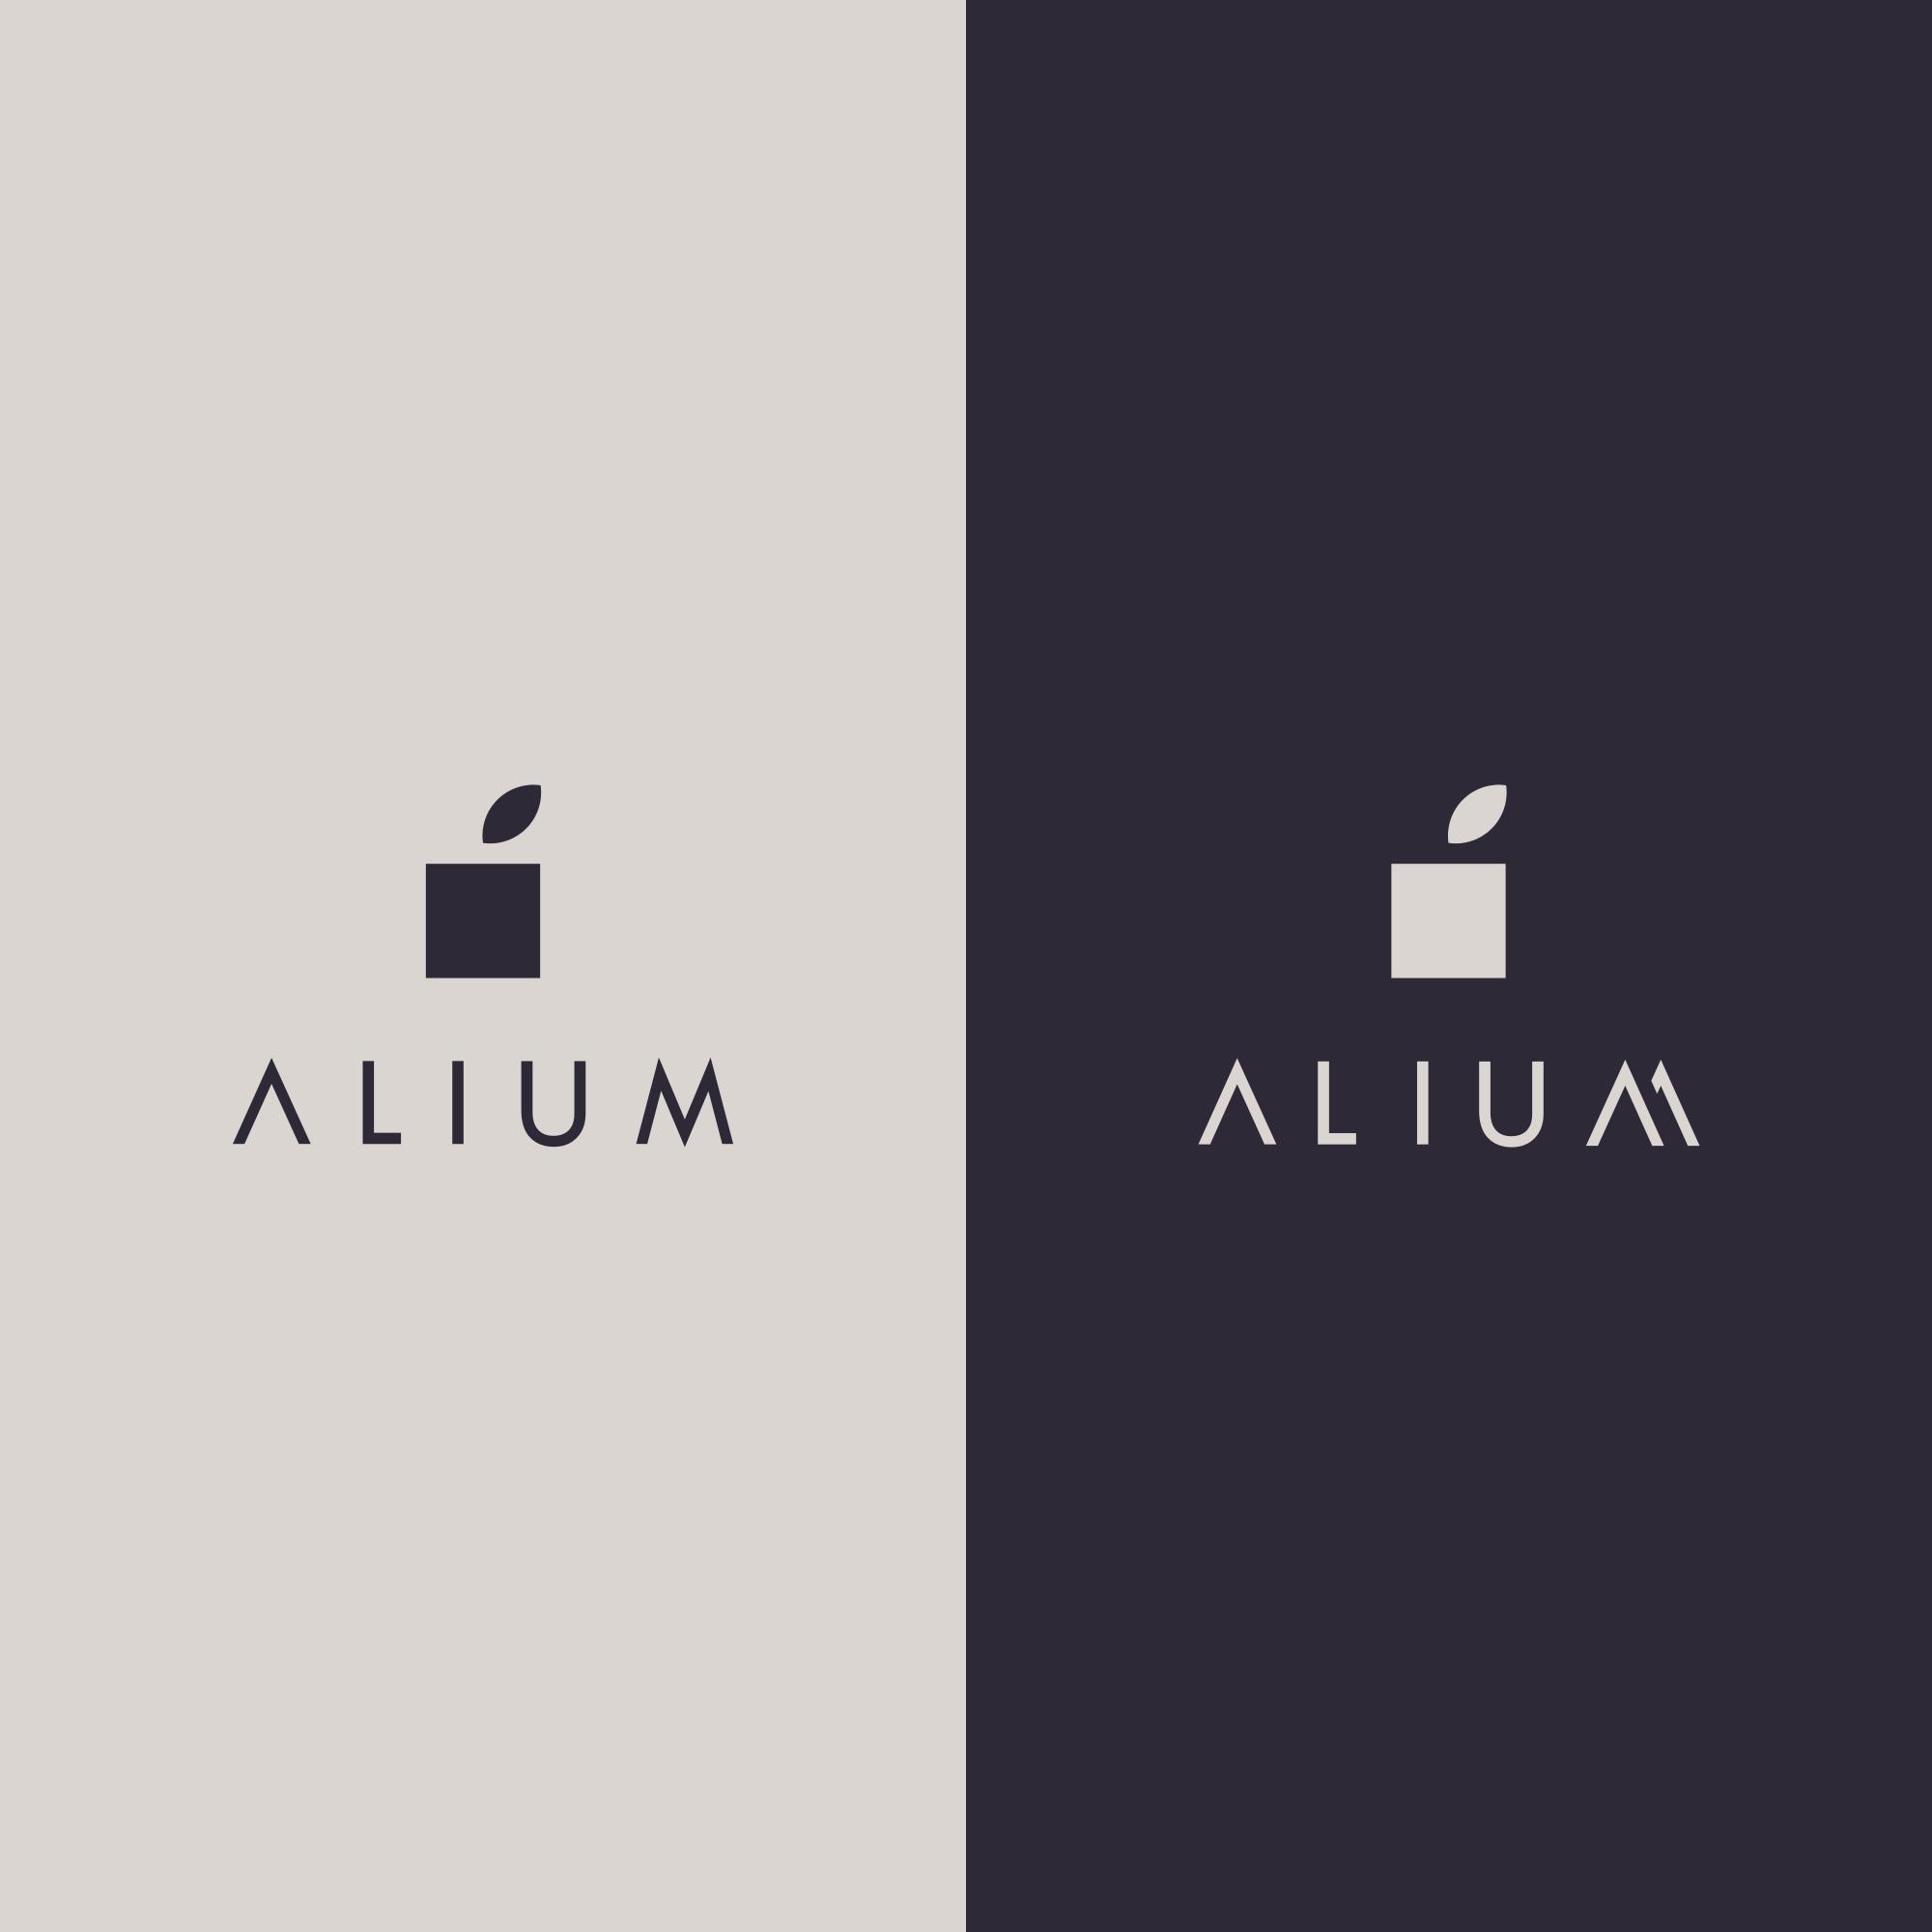 Логотип для дизайн студии фото f_63259e5161a7fd52.png